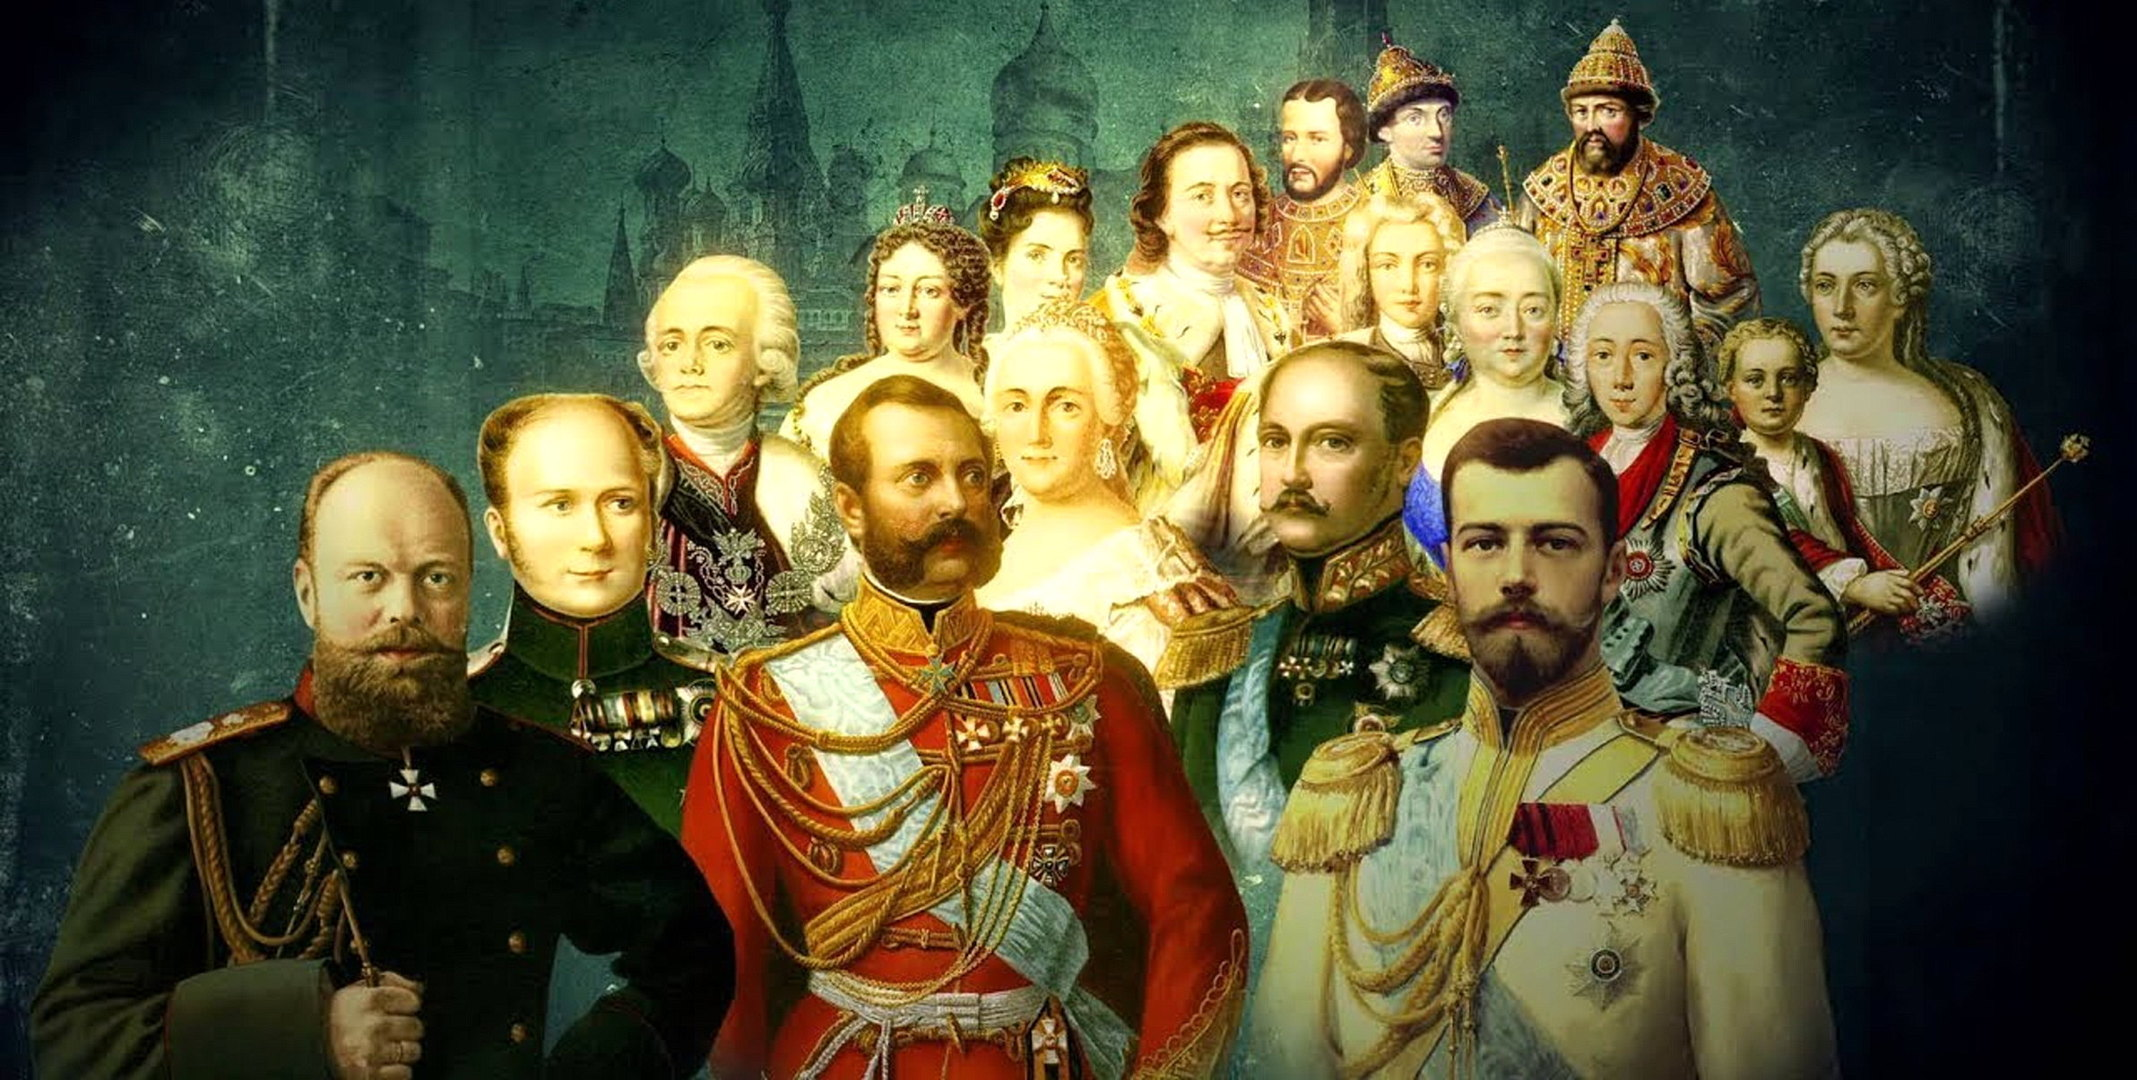 Династия Романовых - правители России в разные исторические эпохи